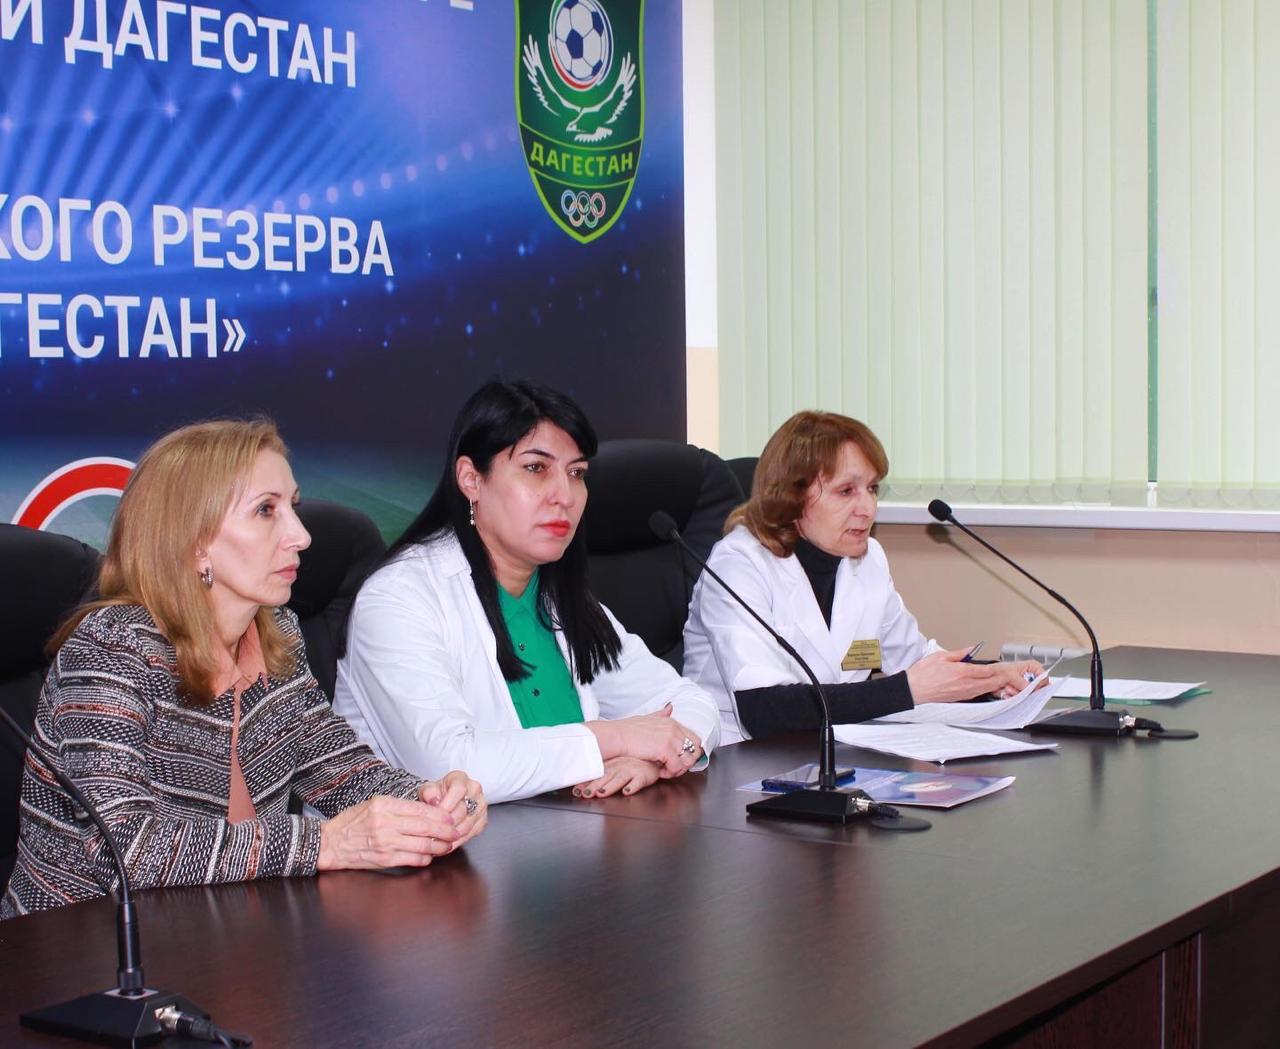 Республиканским центром медицинской профилактики в Училище Олимпийского резерва по футболу «Дагестан» на днях была организована встреча юношей с врачом психотерапевтом